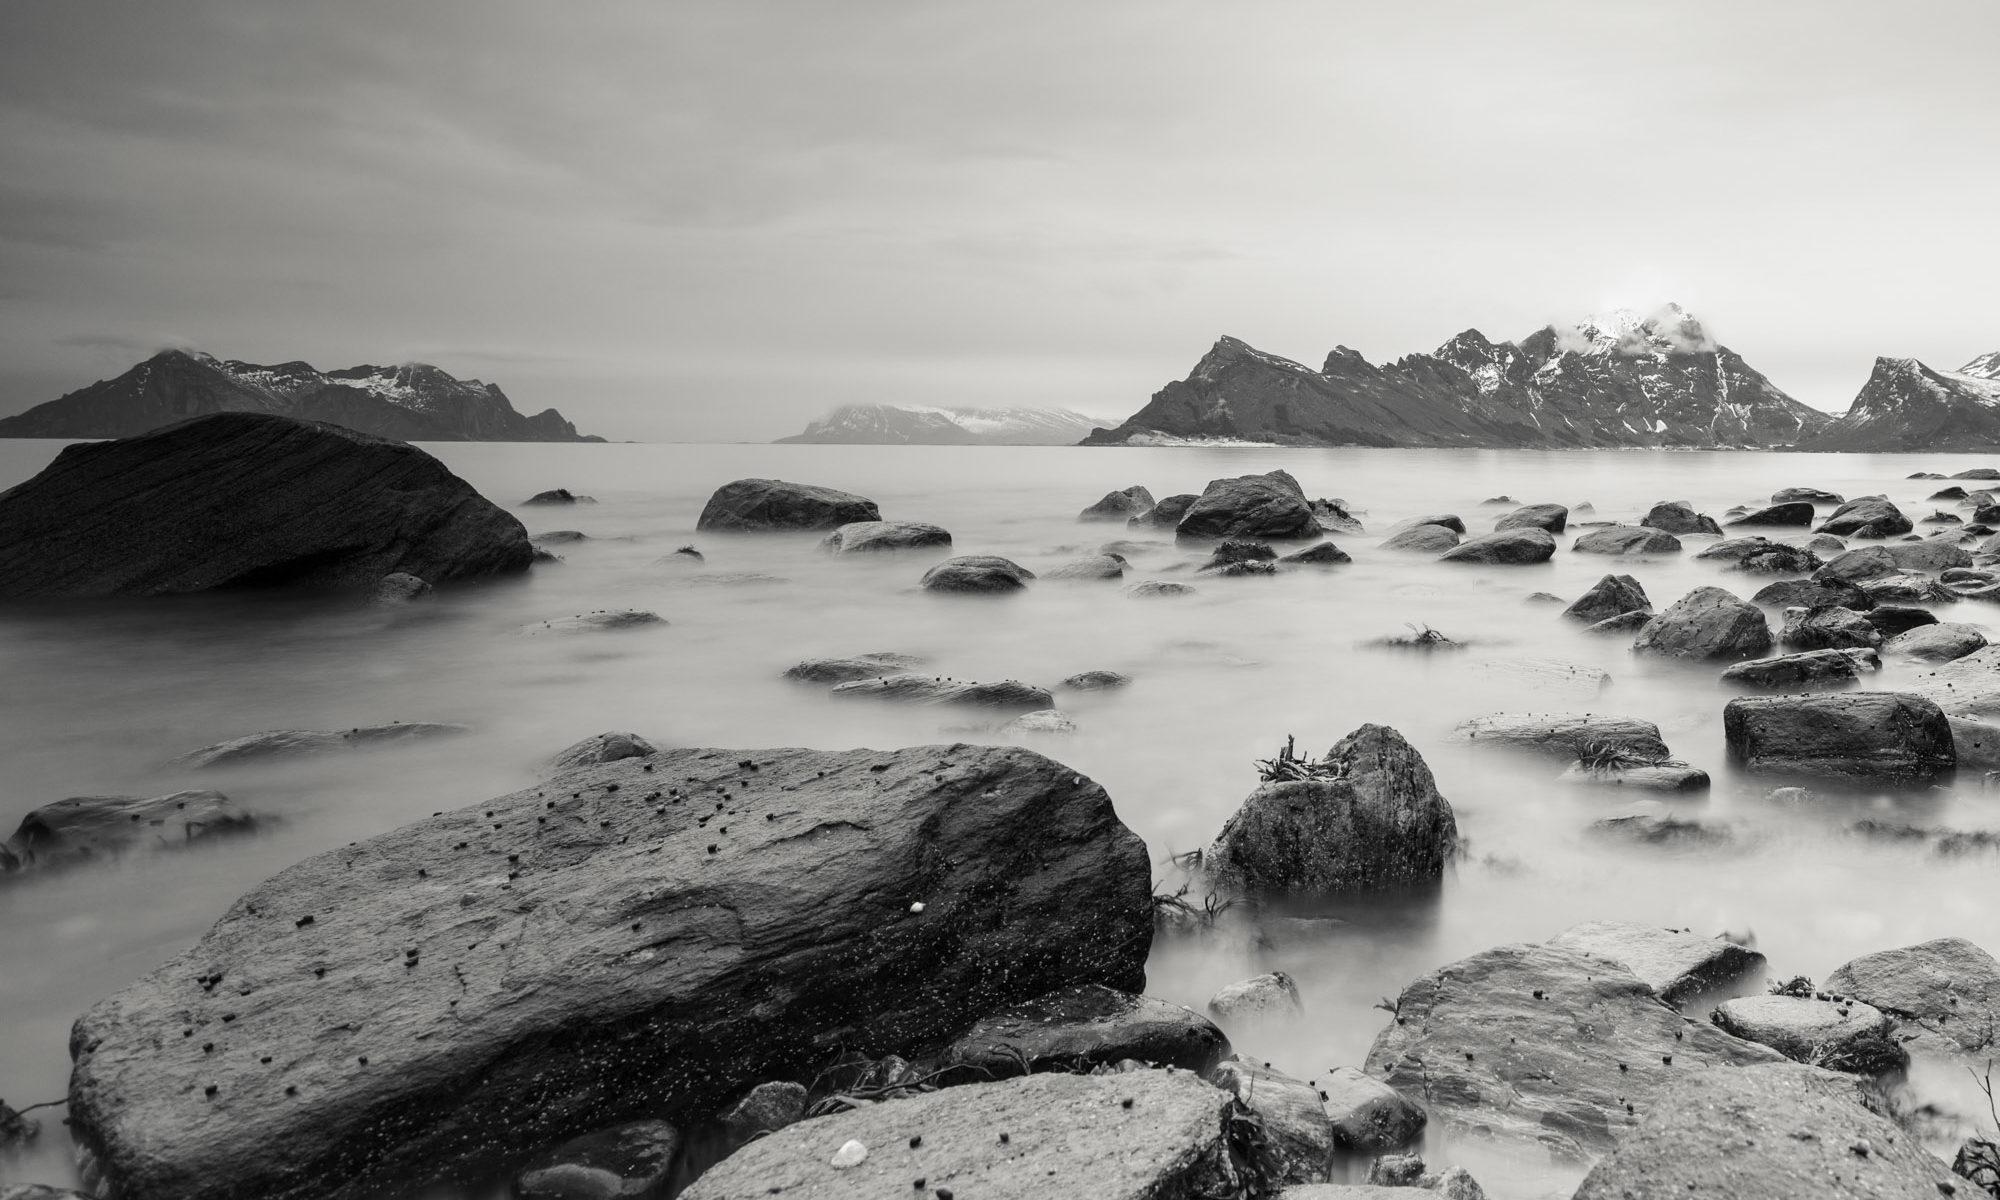 Blick auf vom Wellen umringte Steine vor Bergkulisse